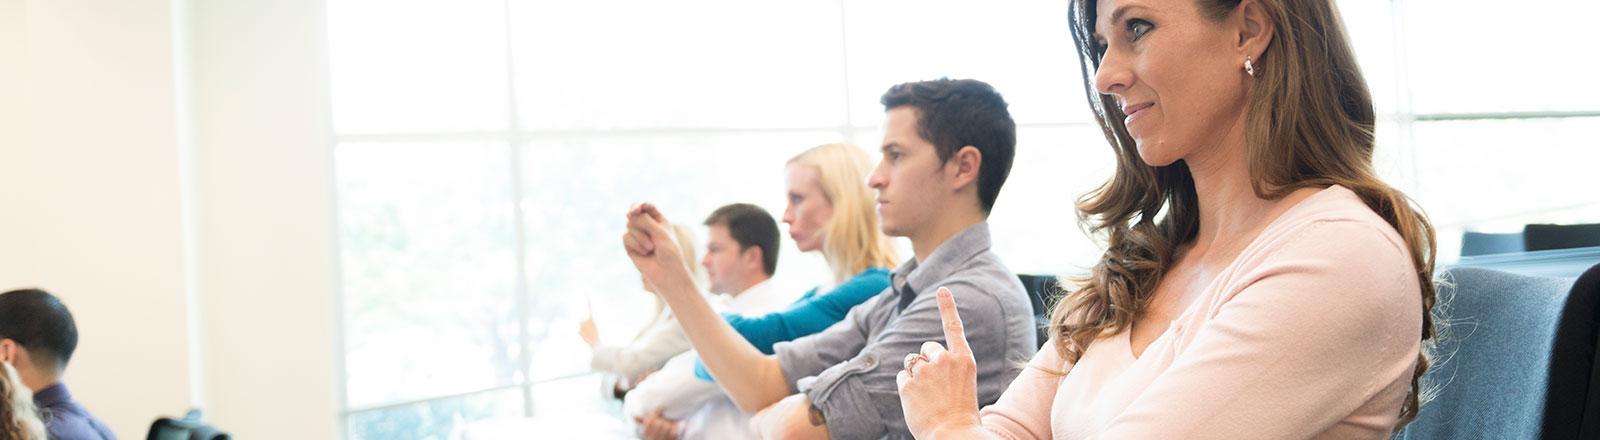 Teaching American Sign Language